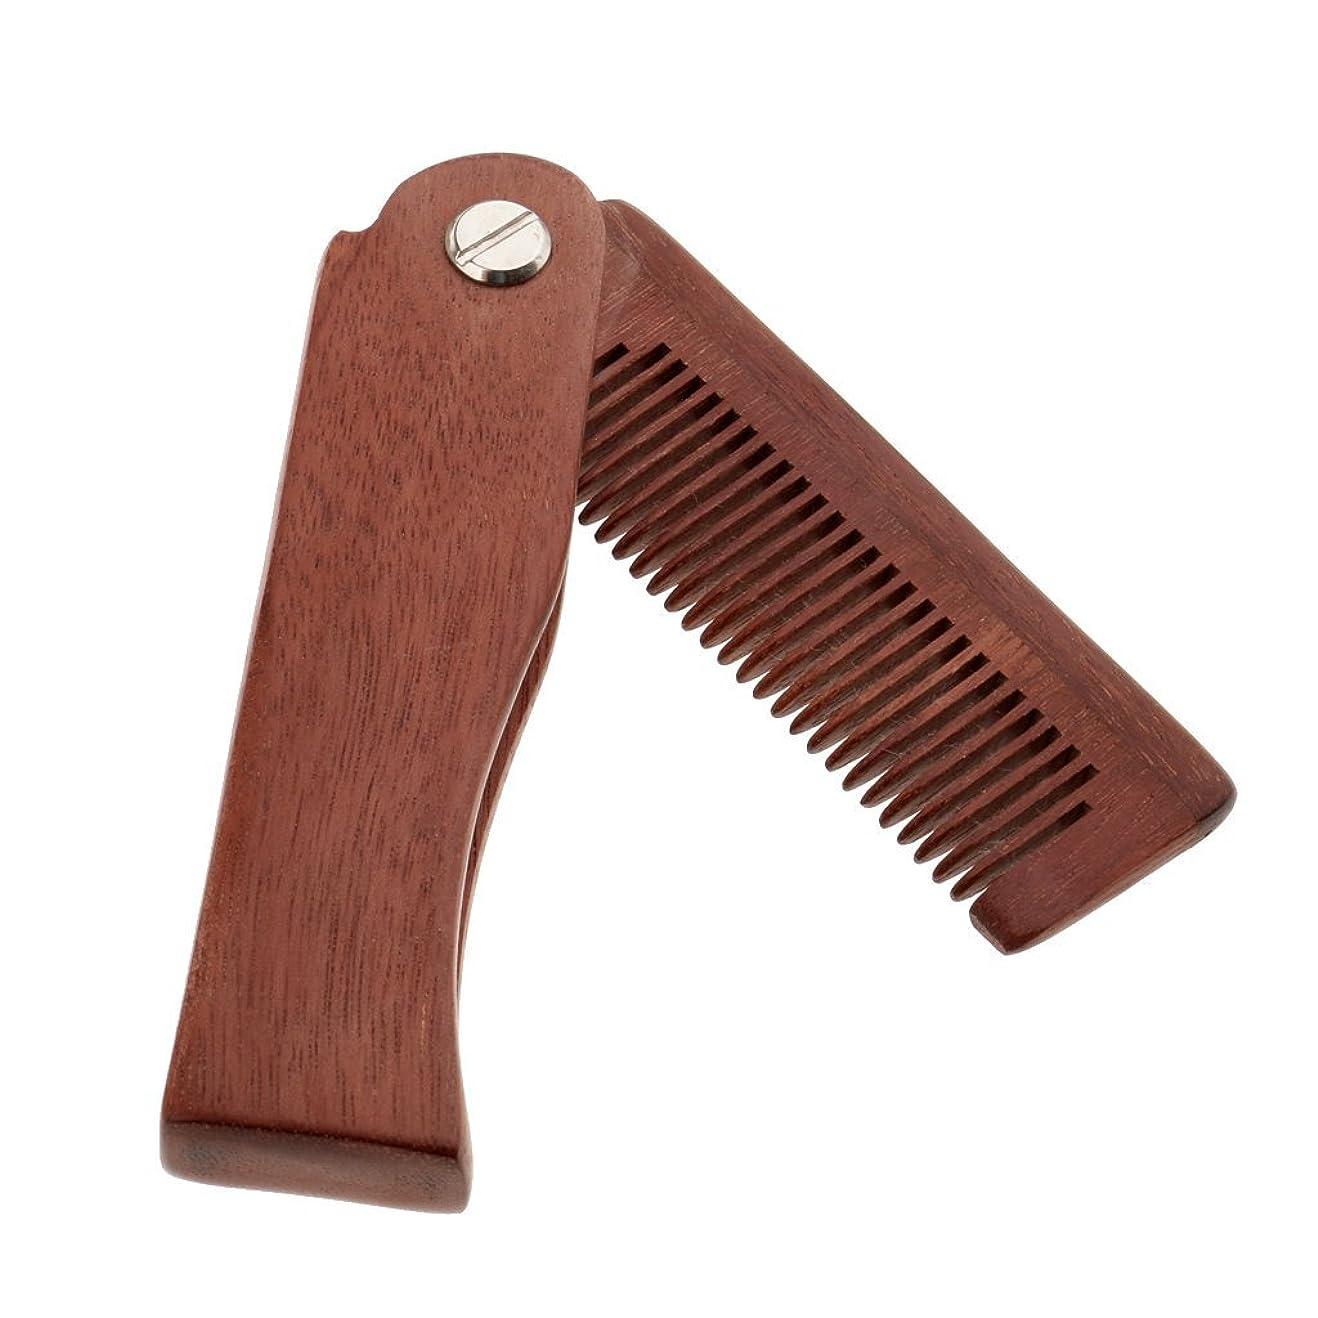 のためケーブルカー苦悩B Blesiya ひげ剃り櫛 コーム 木製櫛 折りたたみ メンズ 毛ひげの櫛